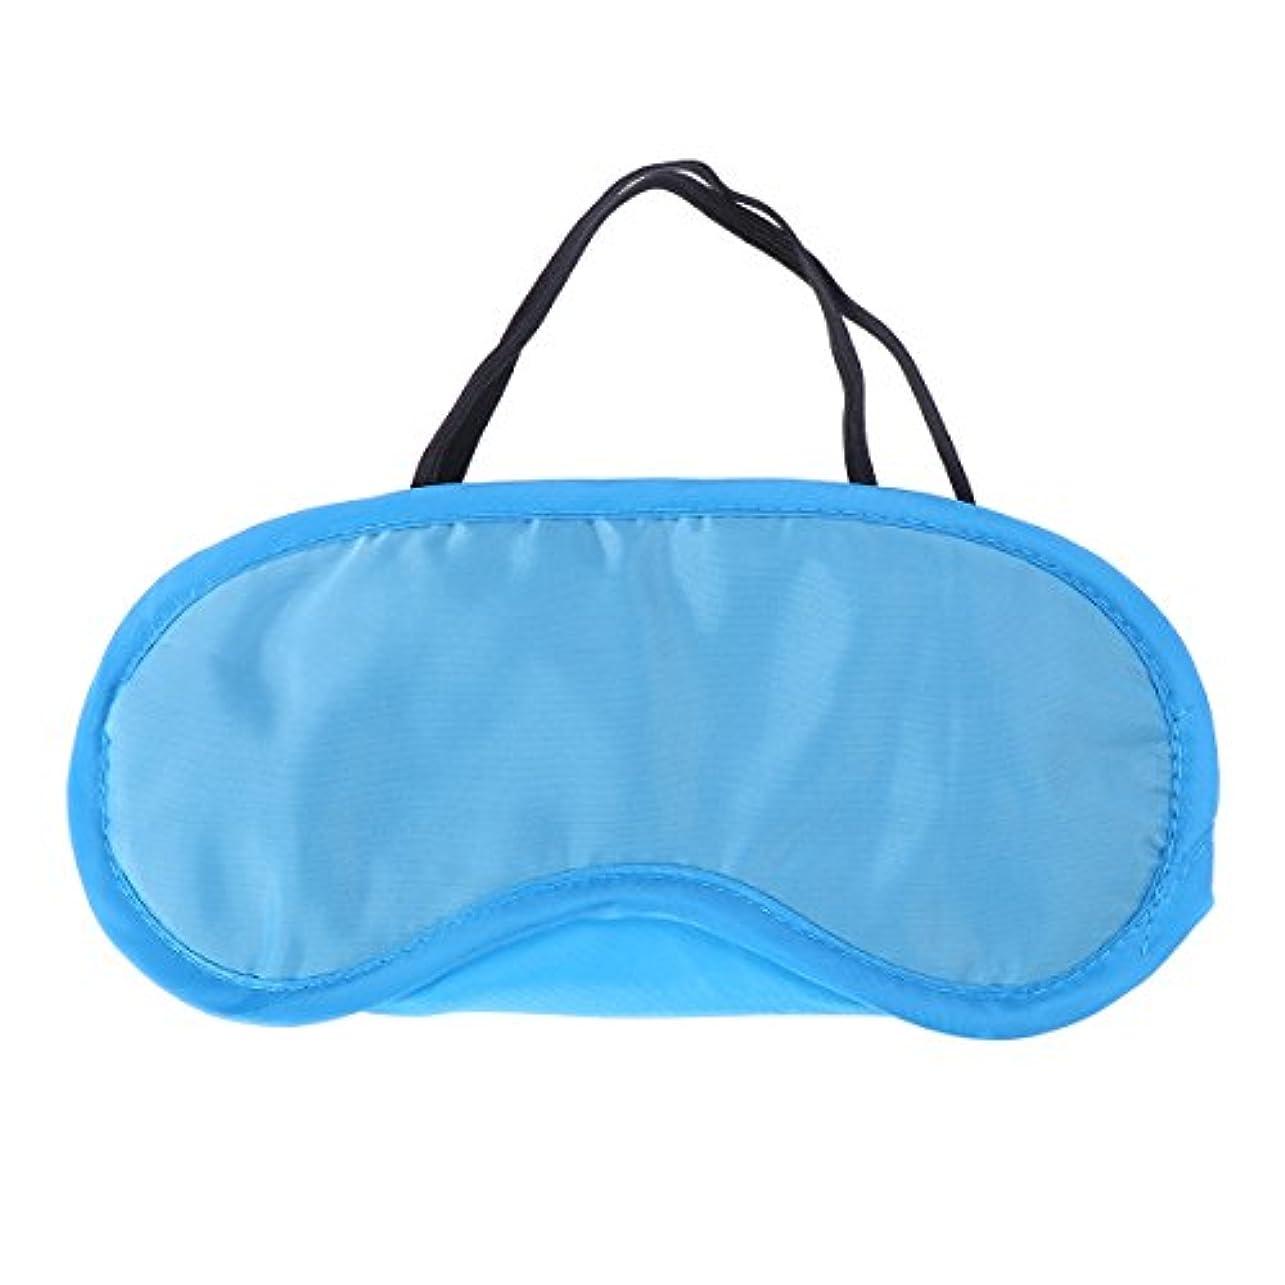 序文免疫する興味HEALIFTY 軽量で快適な睡眠のための調整可能なアイマスク(旅行用スカイブルー)